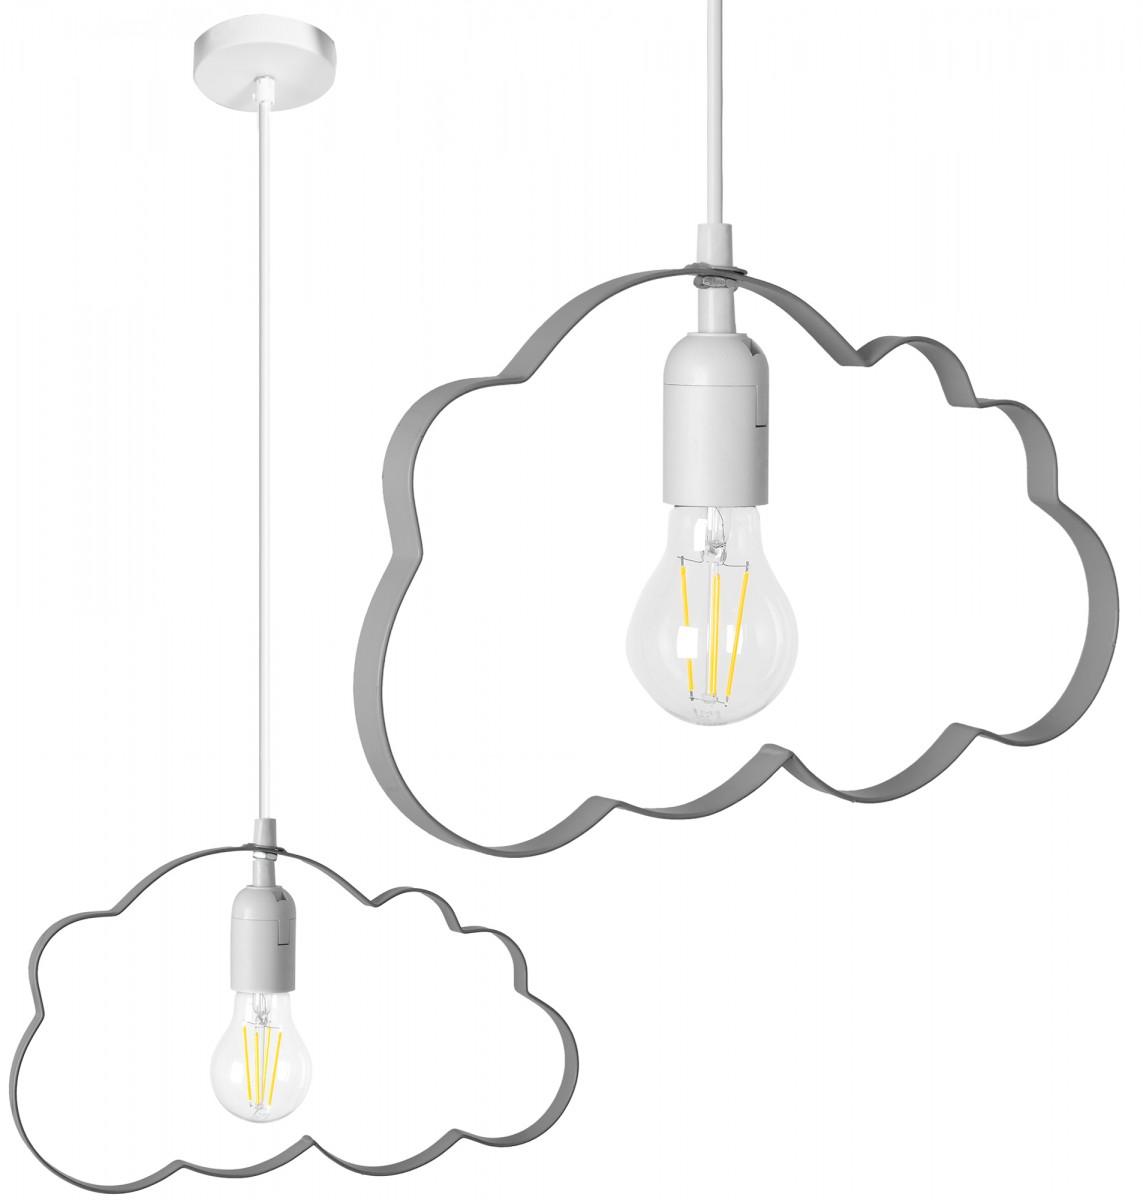 Stropní svítidlo TooLight Cloudie šedá